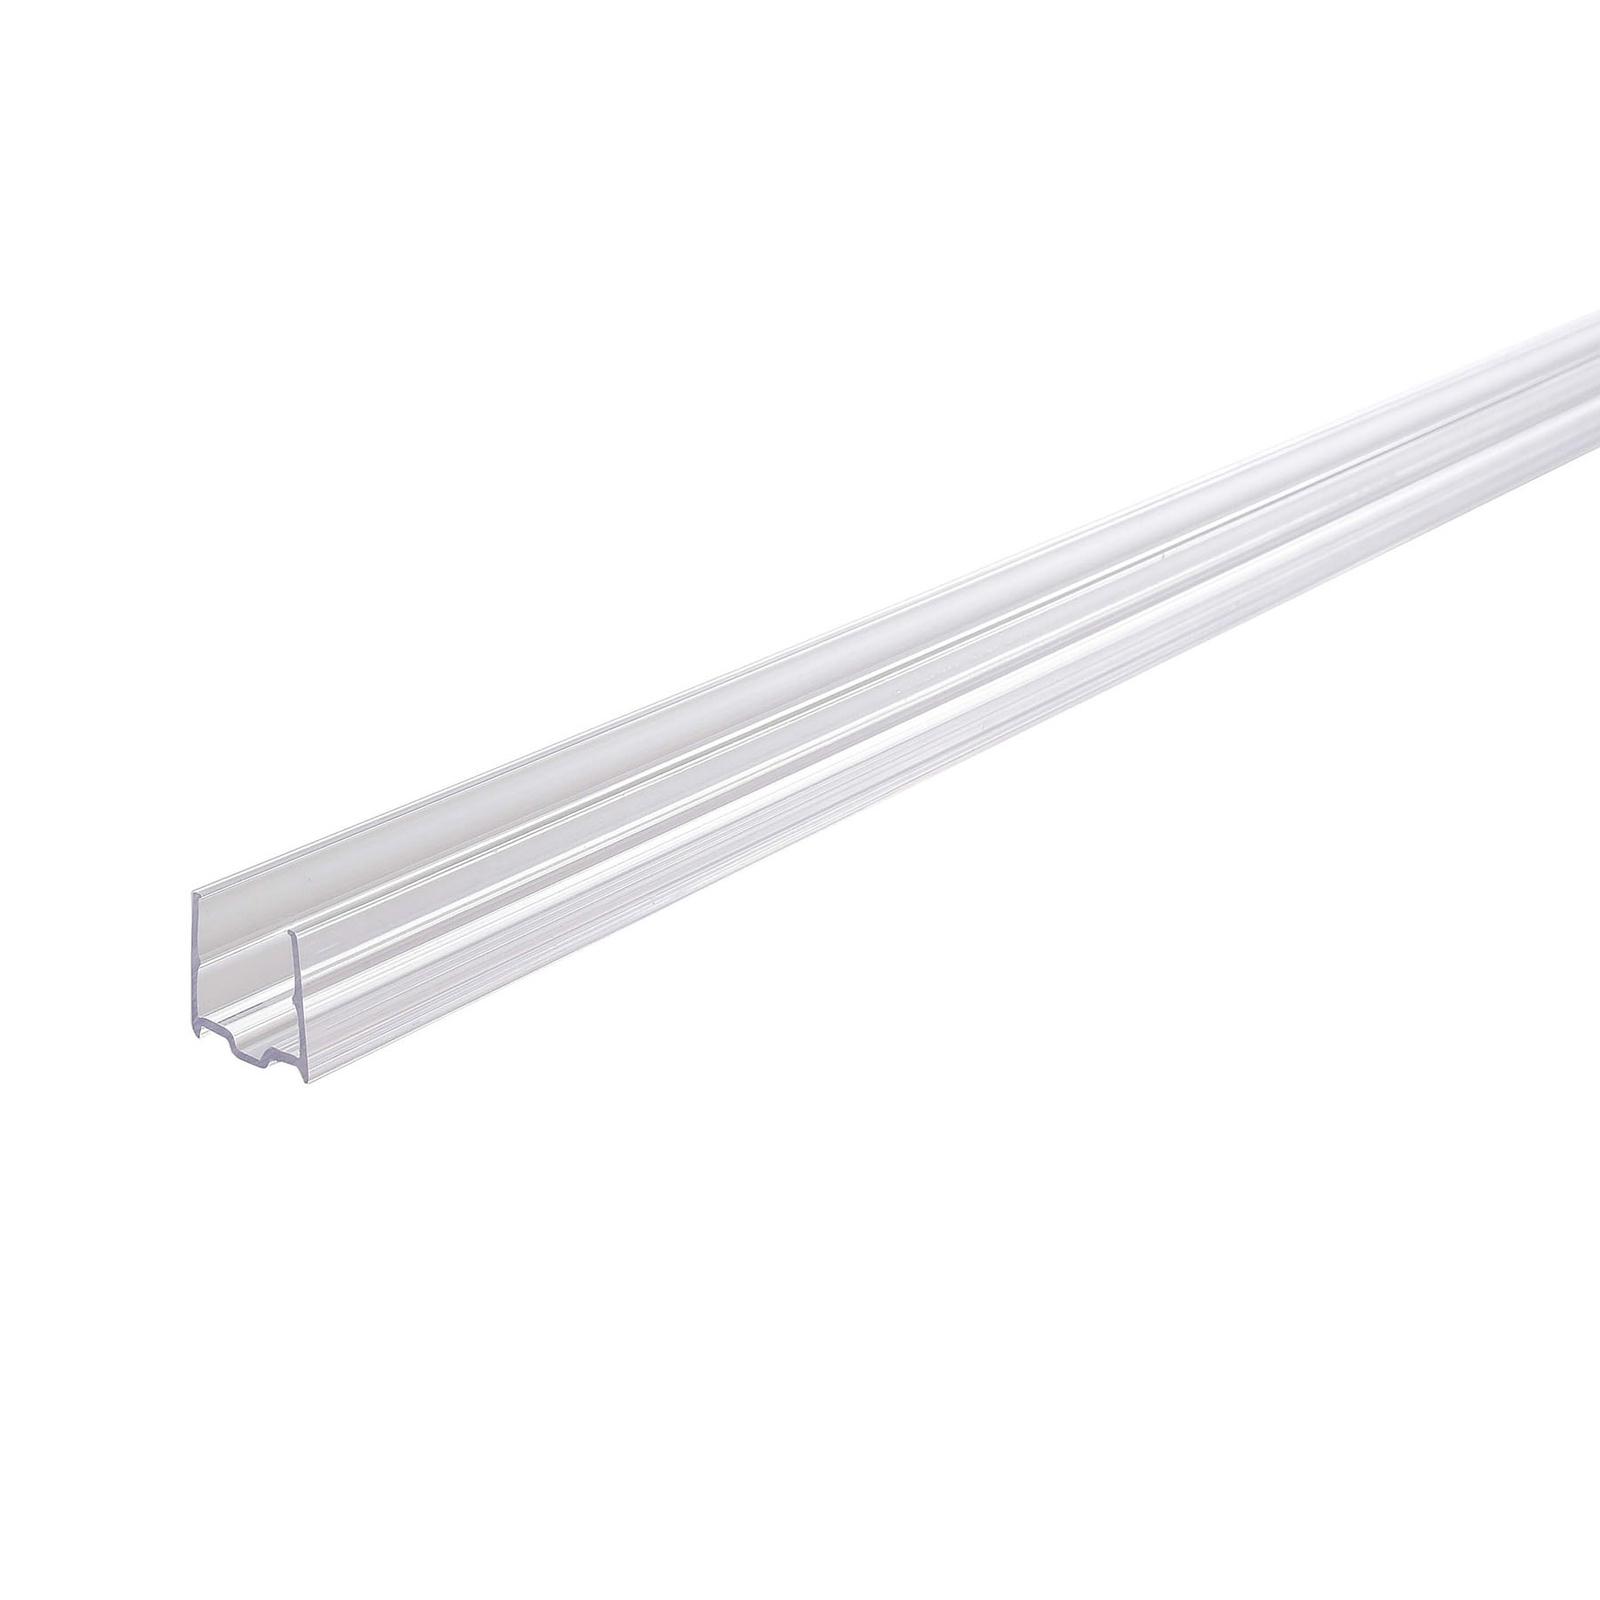 Plastprofil D Flex Line Top View LED-stripe 1m